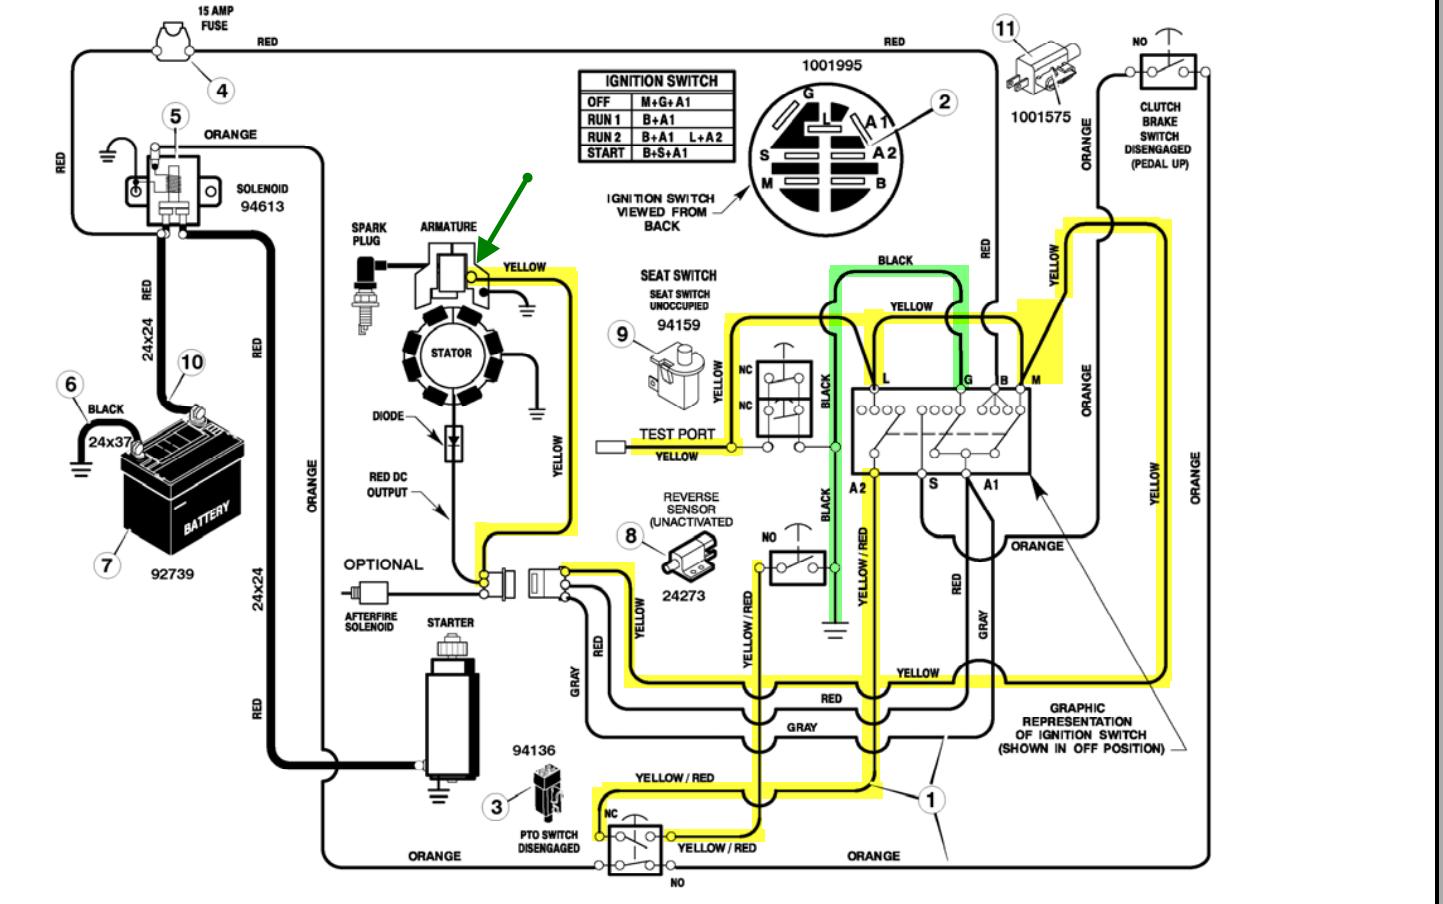 Remarkable 20 Hp Briggs Wiring Diagram Wiring Diagram Wiring Cloud Hemtegremohammedshrineorg